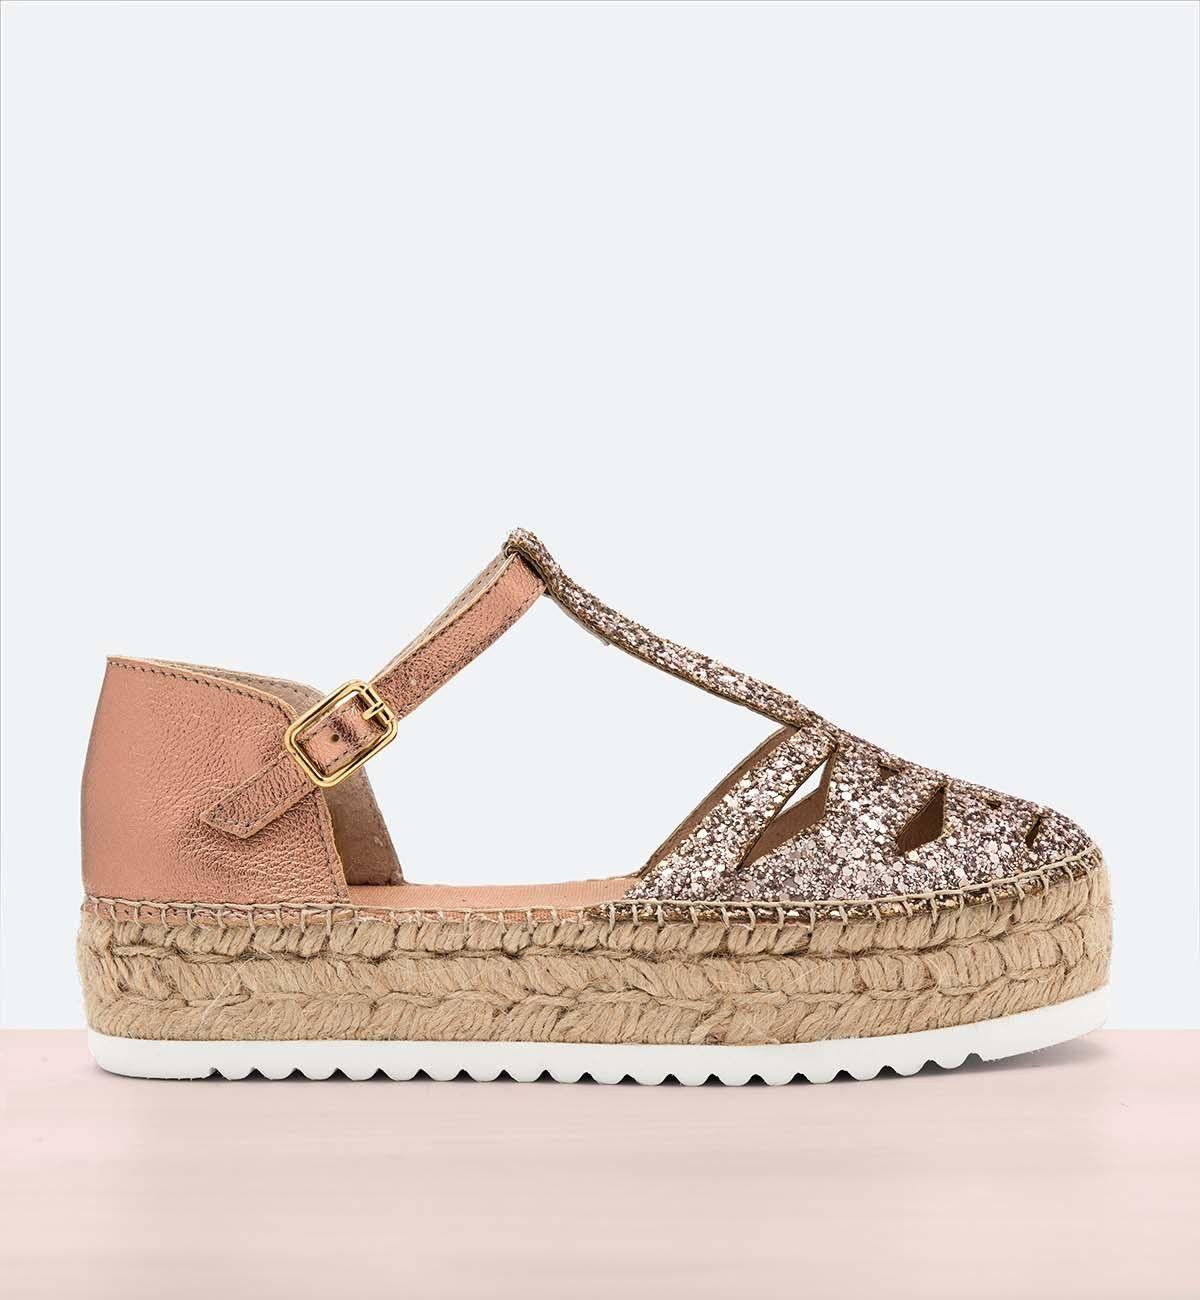 Cangrejera Glitter Zapatos De Vestir Mujer Zapatos De Chicas Zapatos Comodos Mujer